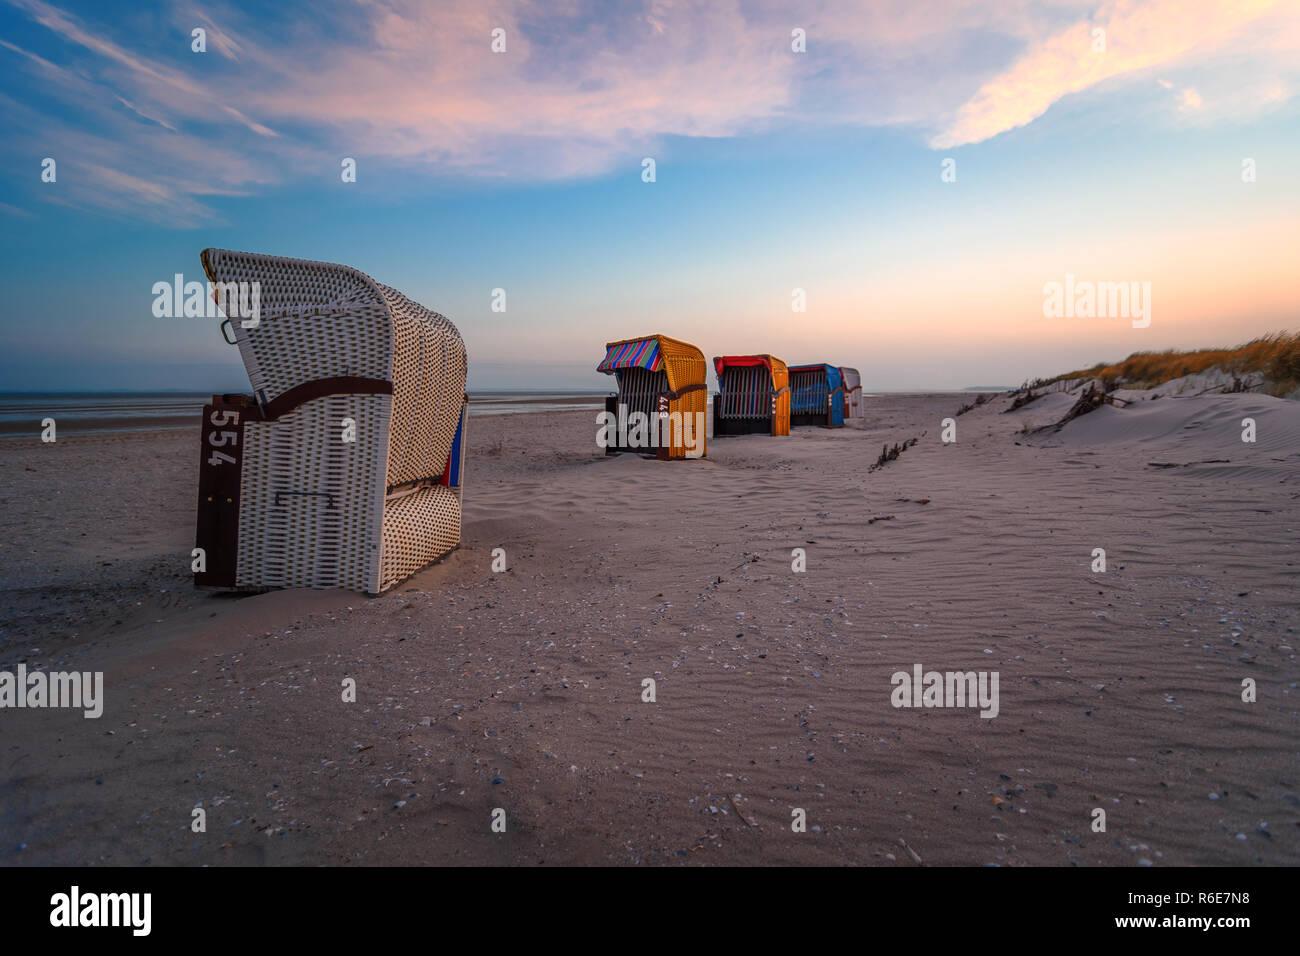 Strandkörbe im Sonnenuntergang unter blauem Himmel Stockfoto